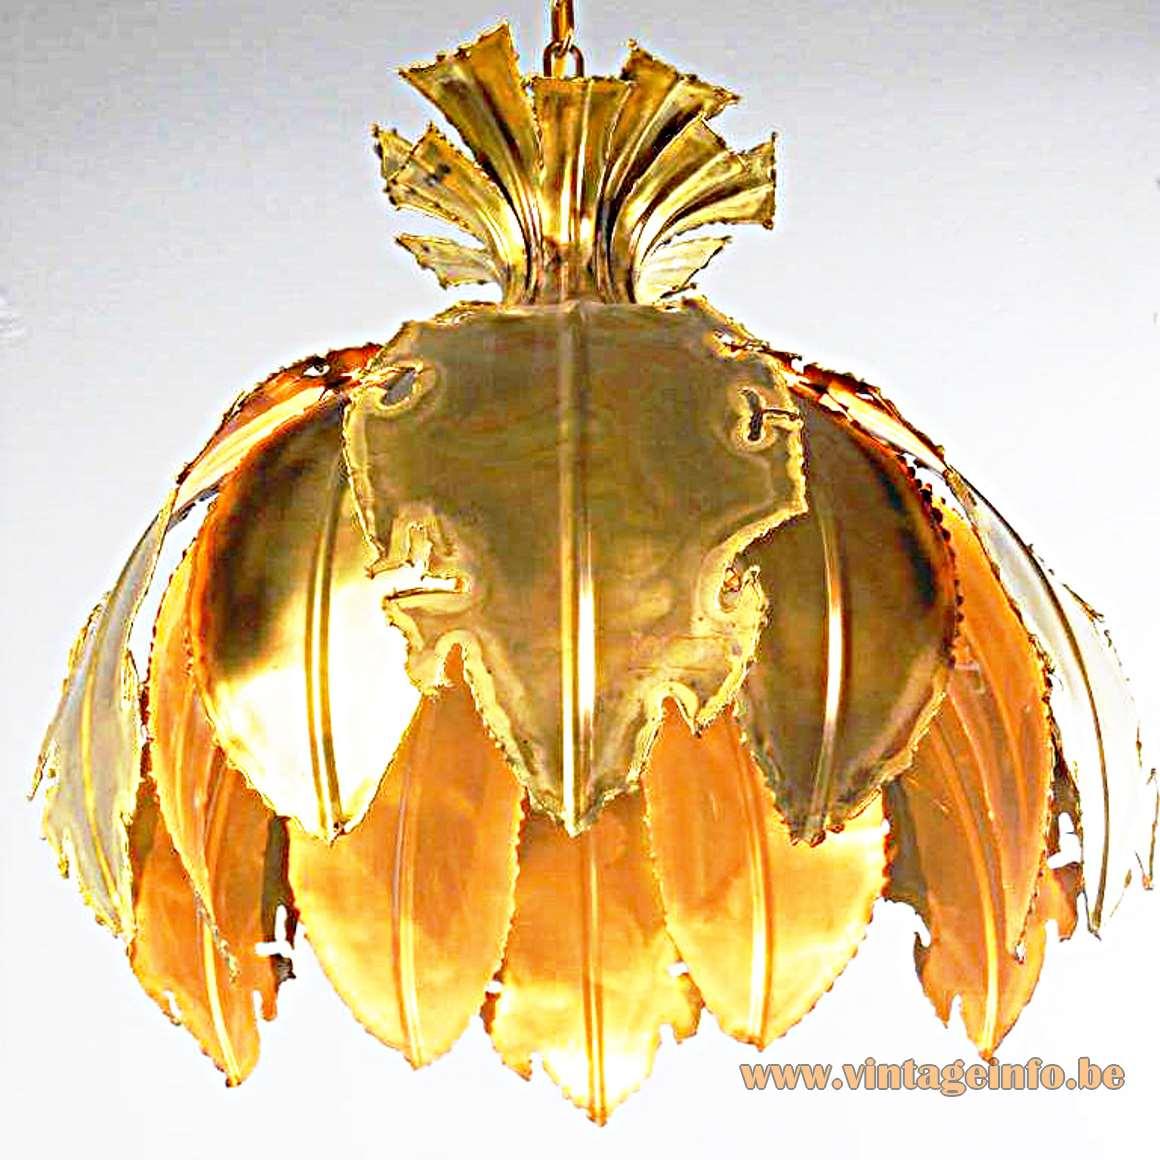 Svend Aage - Holm Sørensen & Co Pendant Lamp burned brass brutalist 1960s 1970s MCM